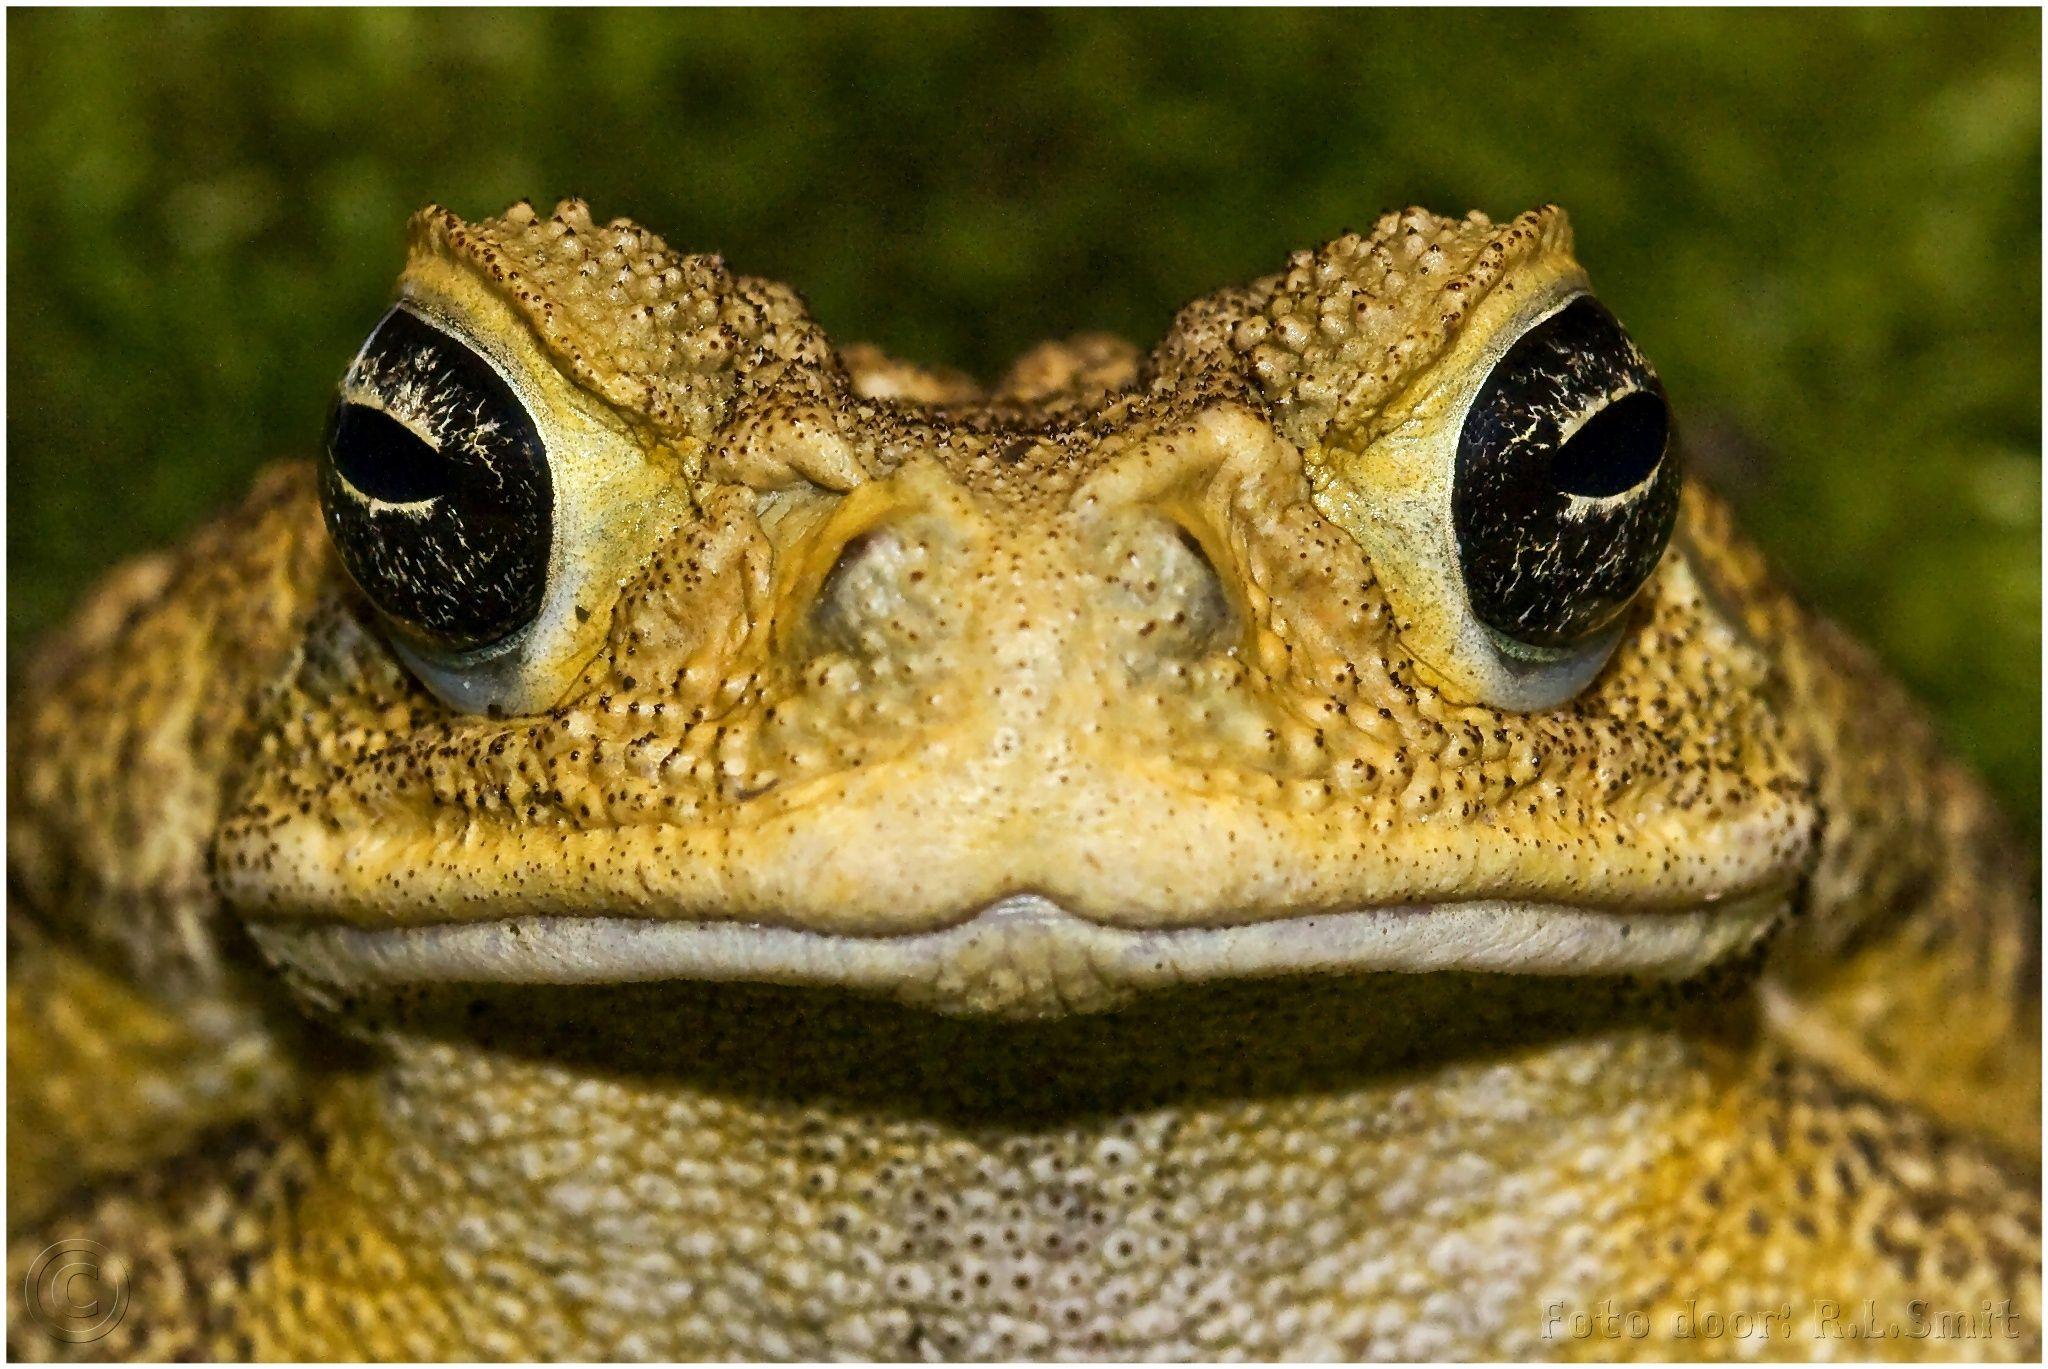 055fd8732558 Bufo marinus by Rob Smit on 500px Kikker Pad Dieren Animals Frog Afrika  Dieren Animals Natuur Nature Wild Wildlife Copyright   freezefotografie gmail.com ...